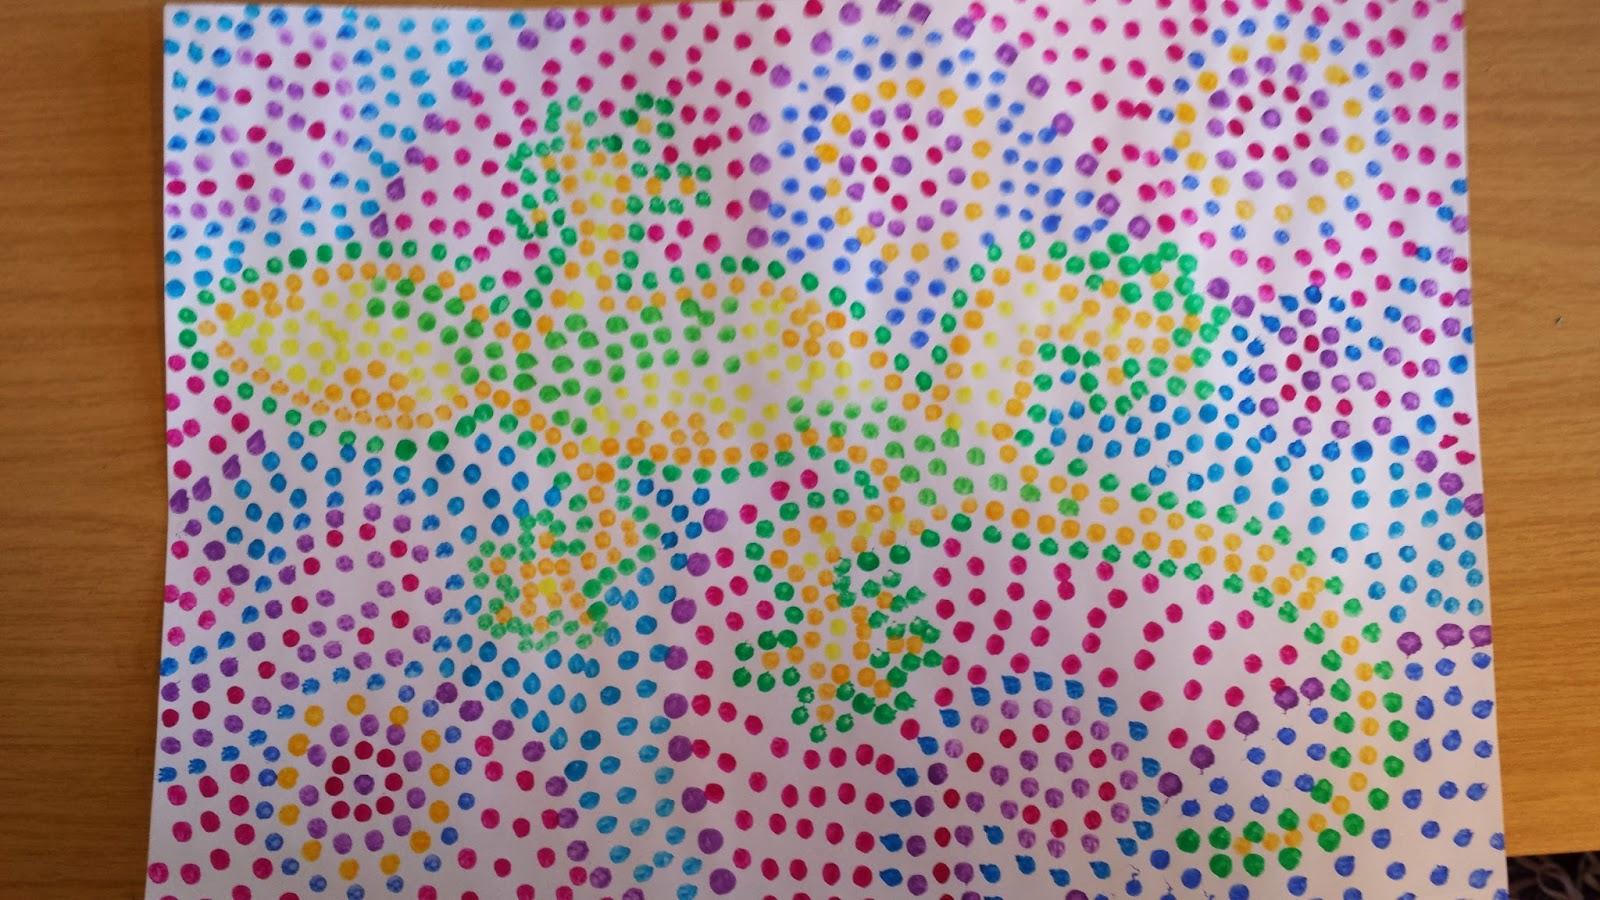 Klasse(n)Ideen: Dot-Painting